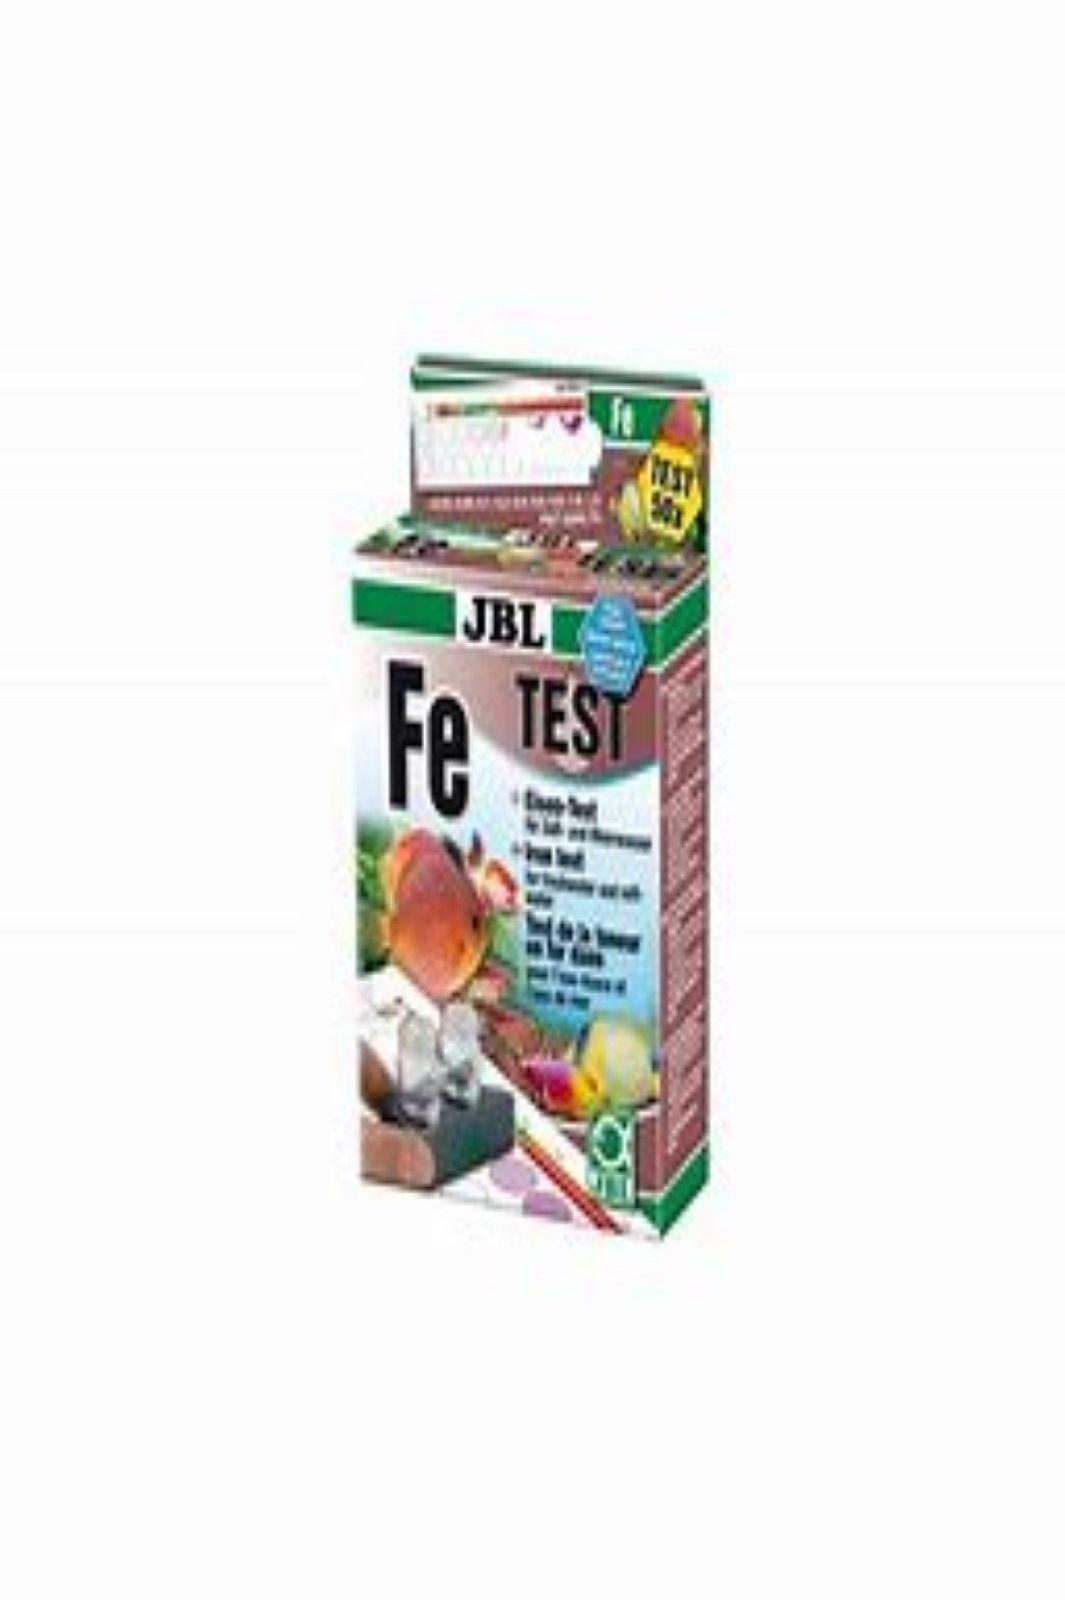 JBL Fe Eisen Test Set für Süßwasser und Salzwasser Wassertest